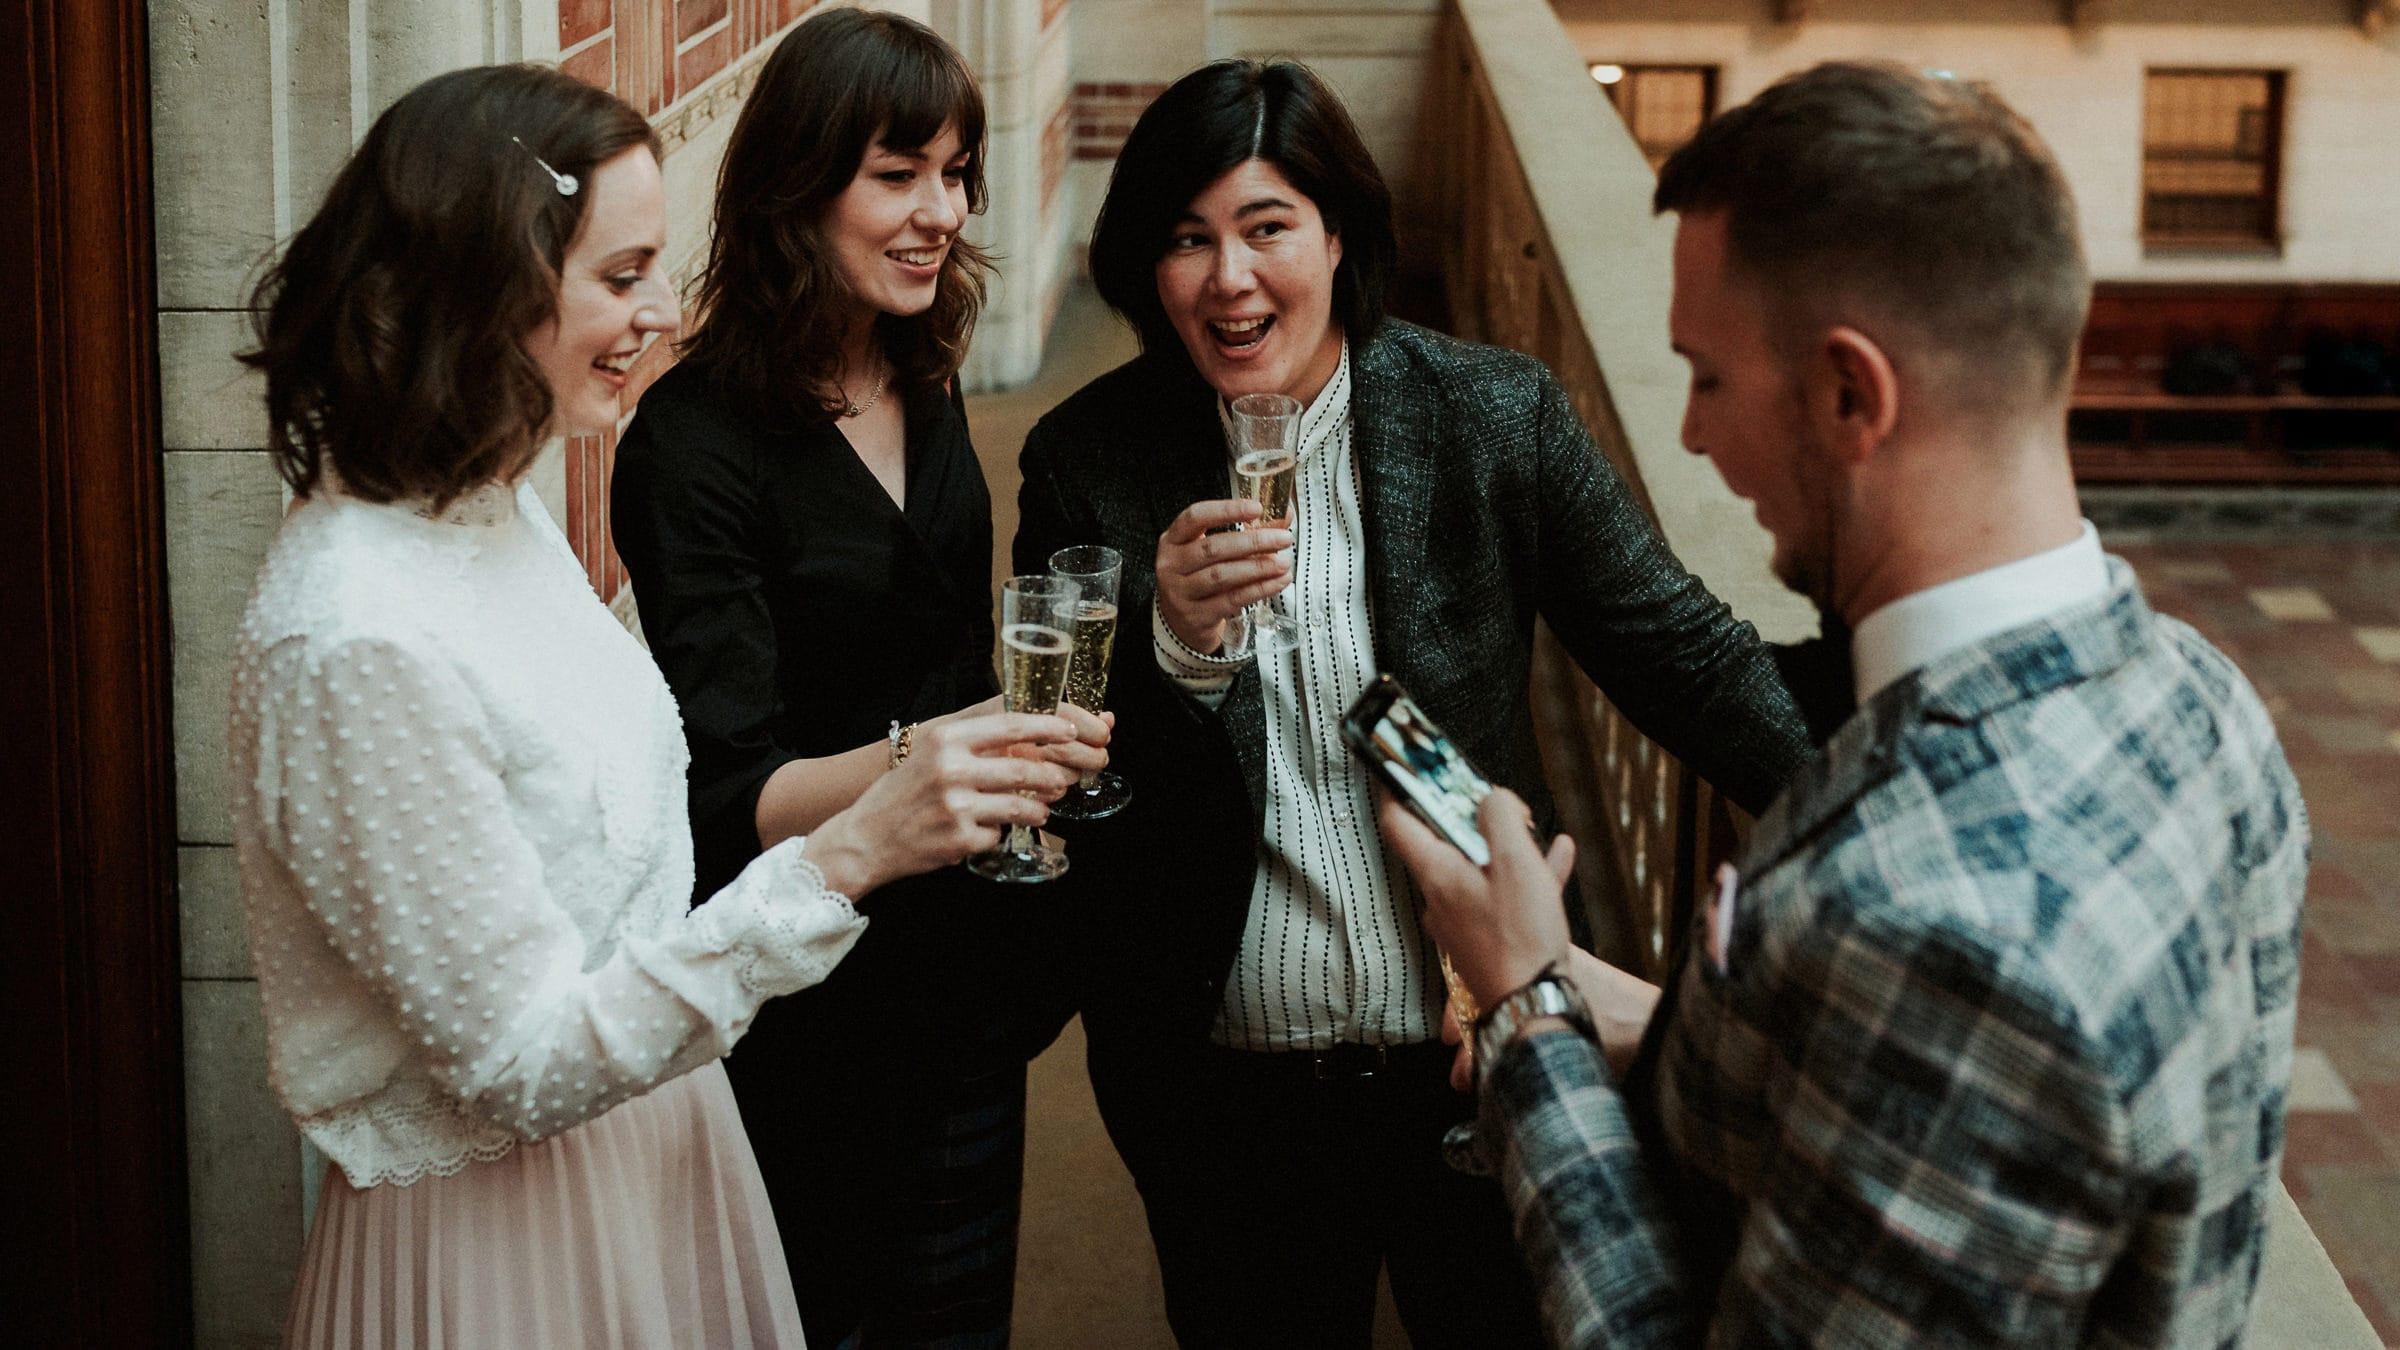 Copenhagen Lesbian Same Sex Elopement Wedding Photographer0003